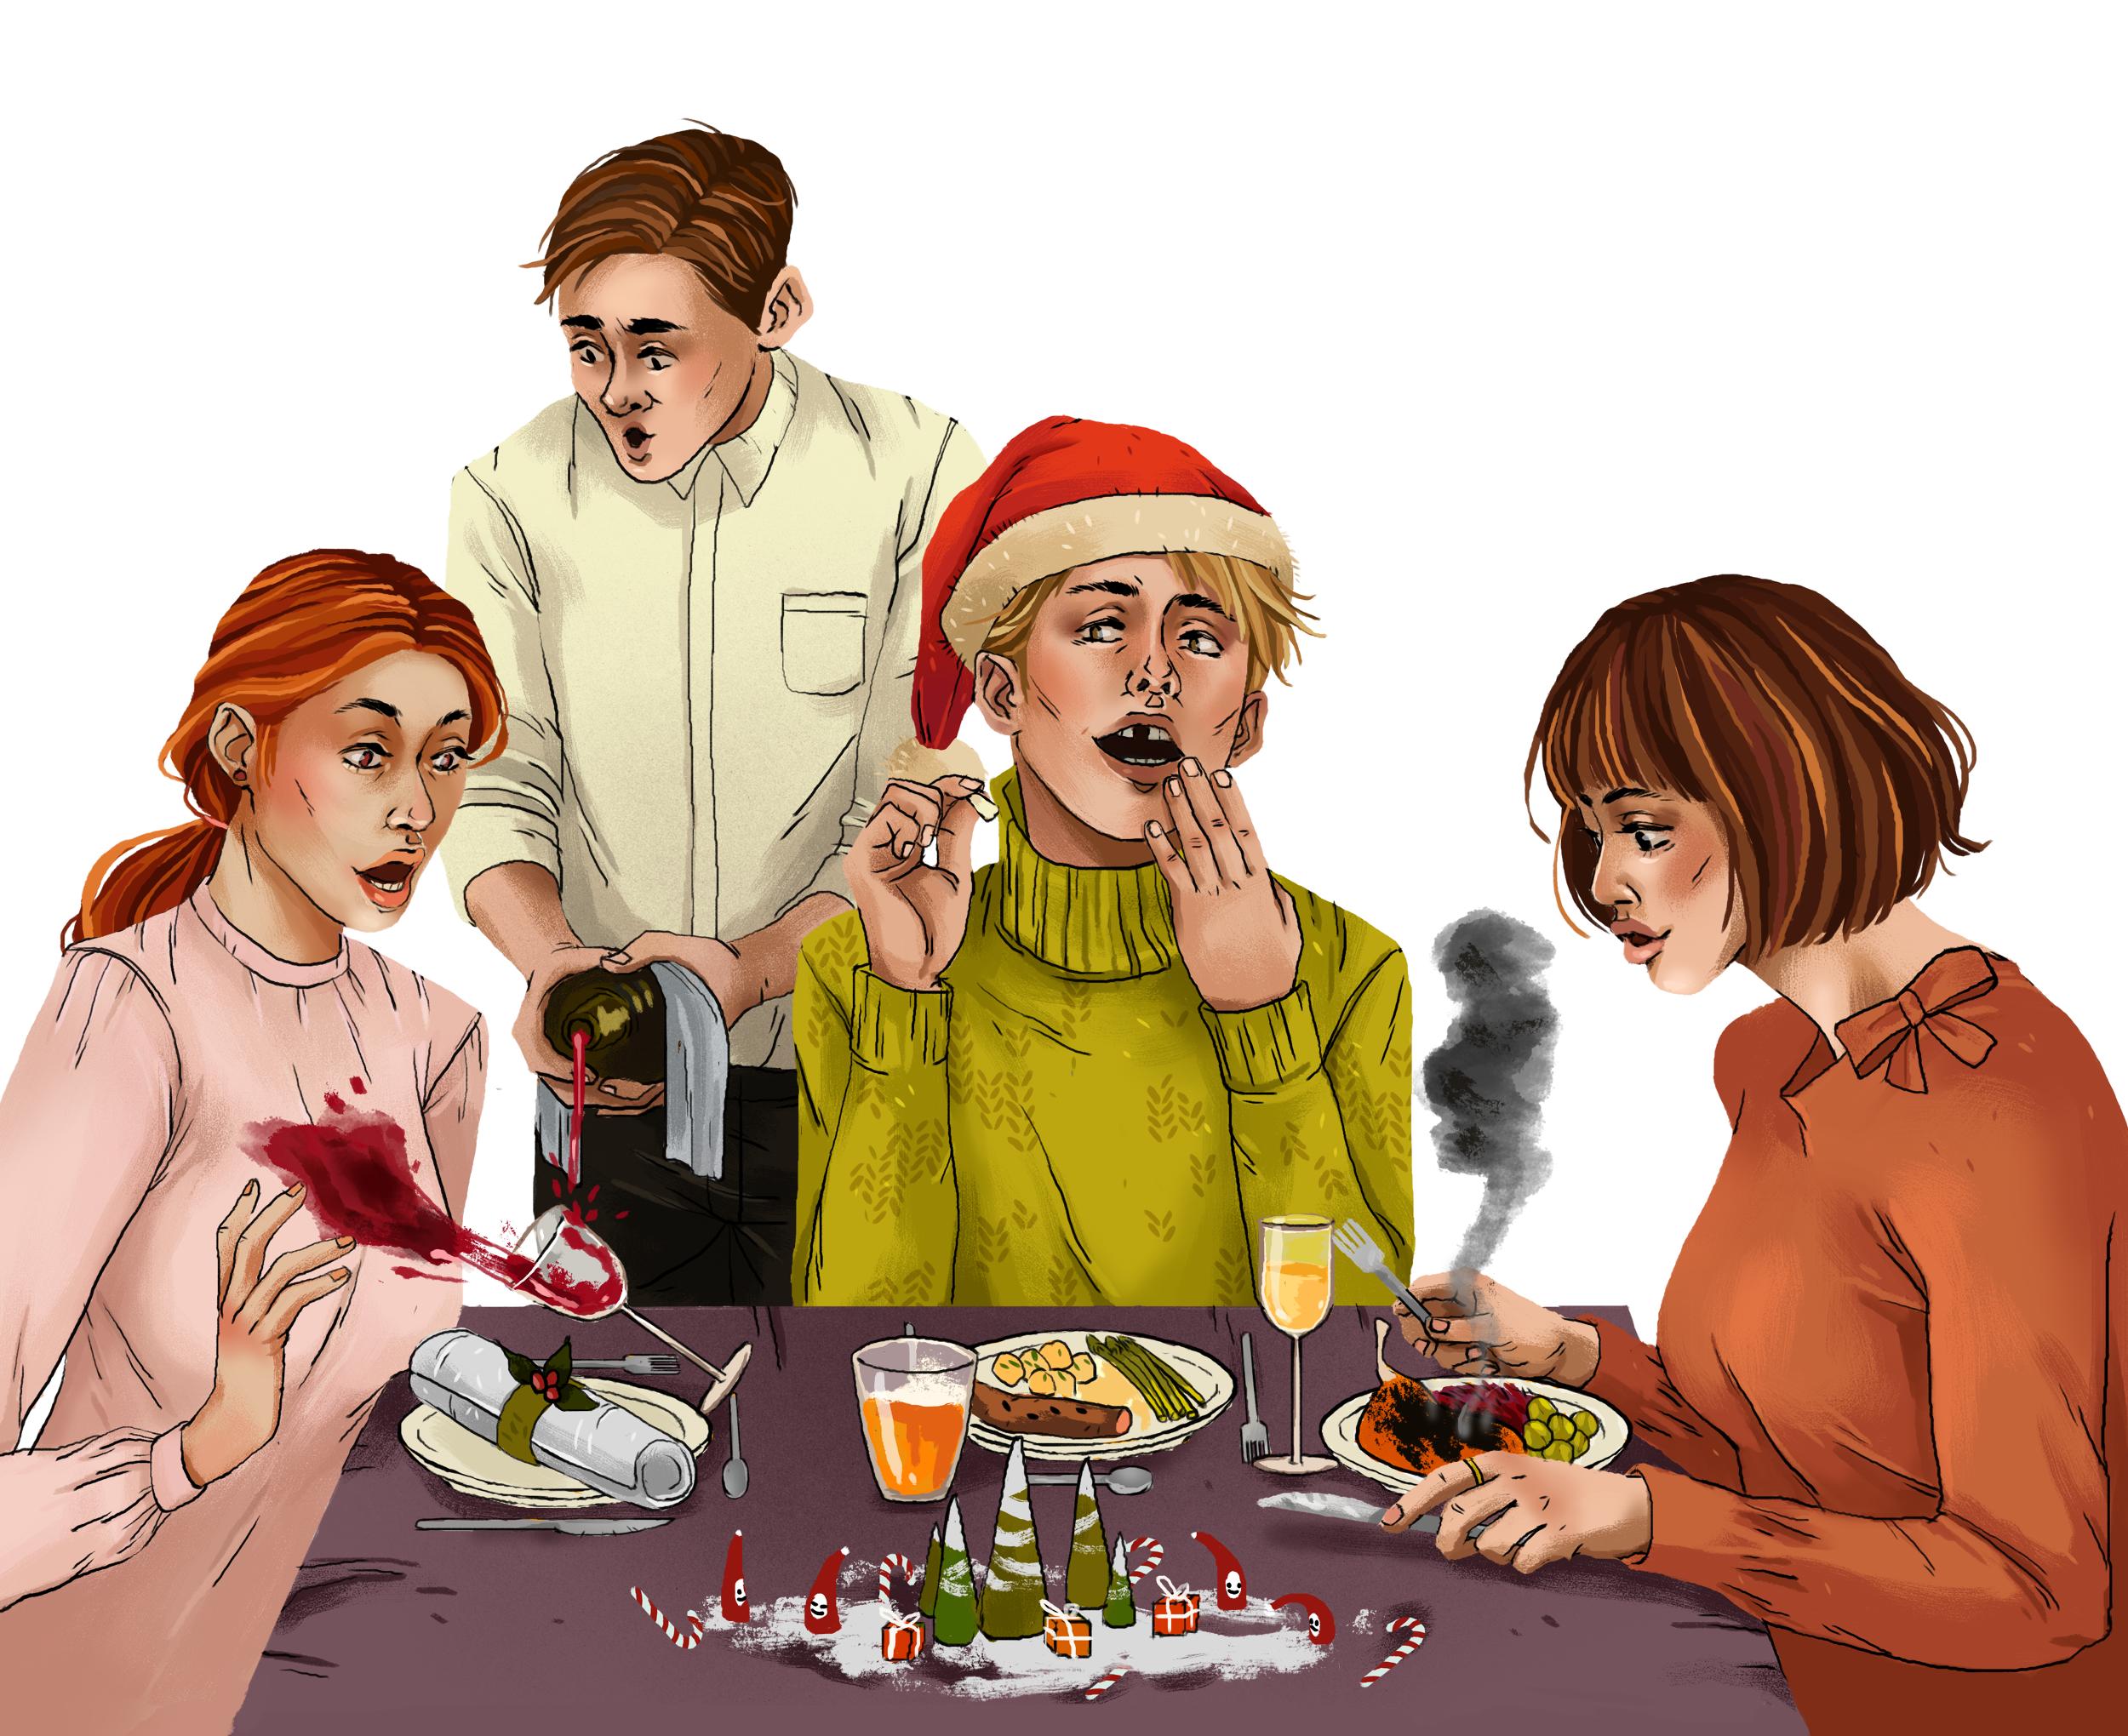 Weihnachtsessen Für 2.Weihnachtsessen Was Kann Da Schon Schief Gehen Karinarehrbehn